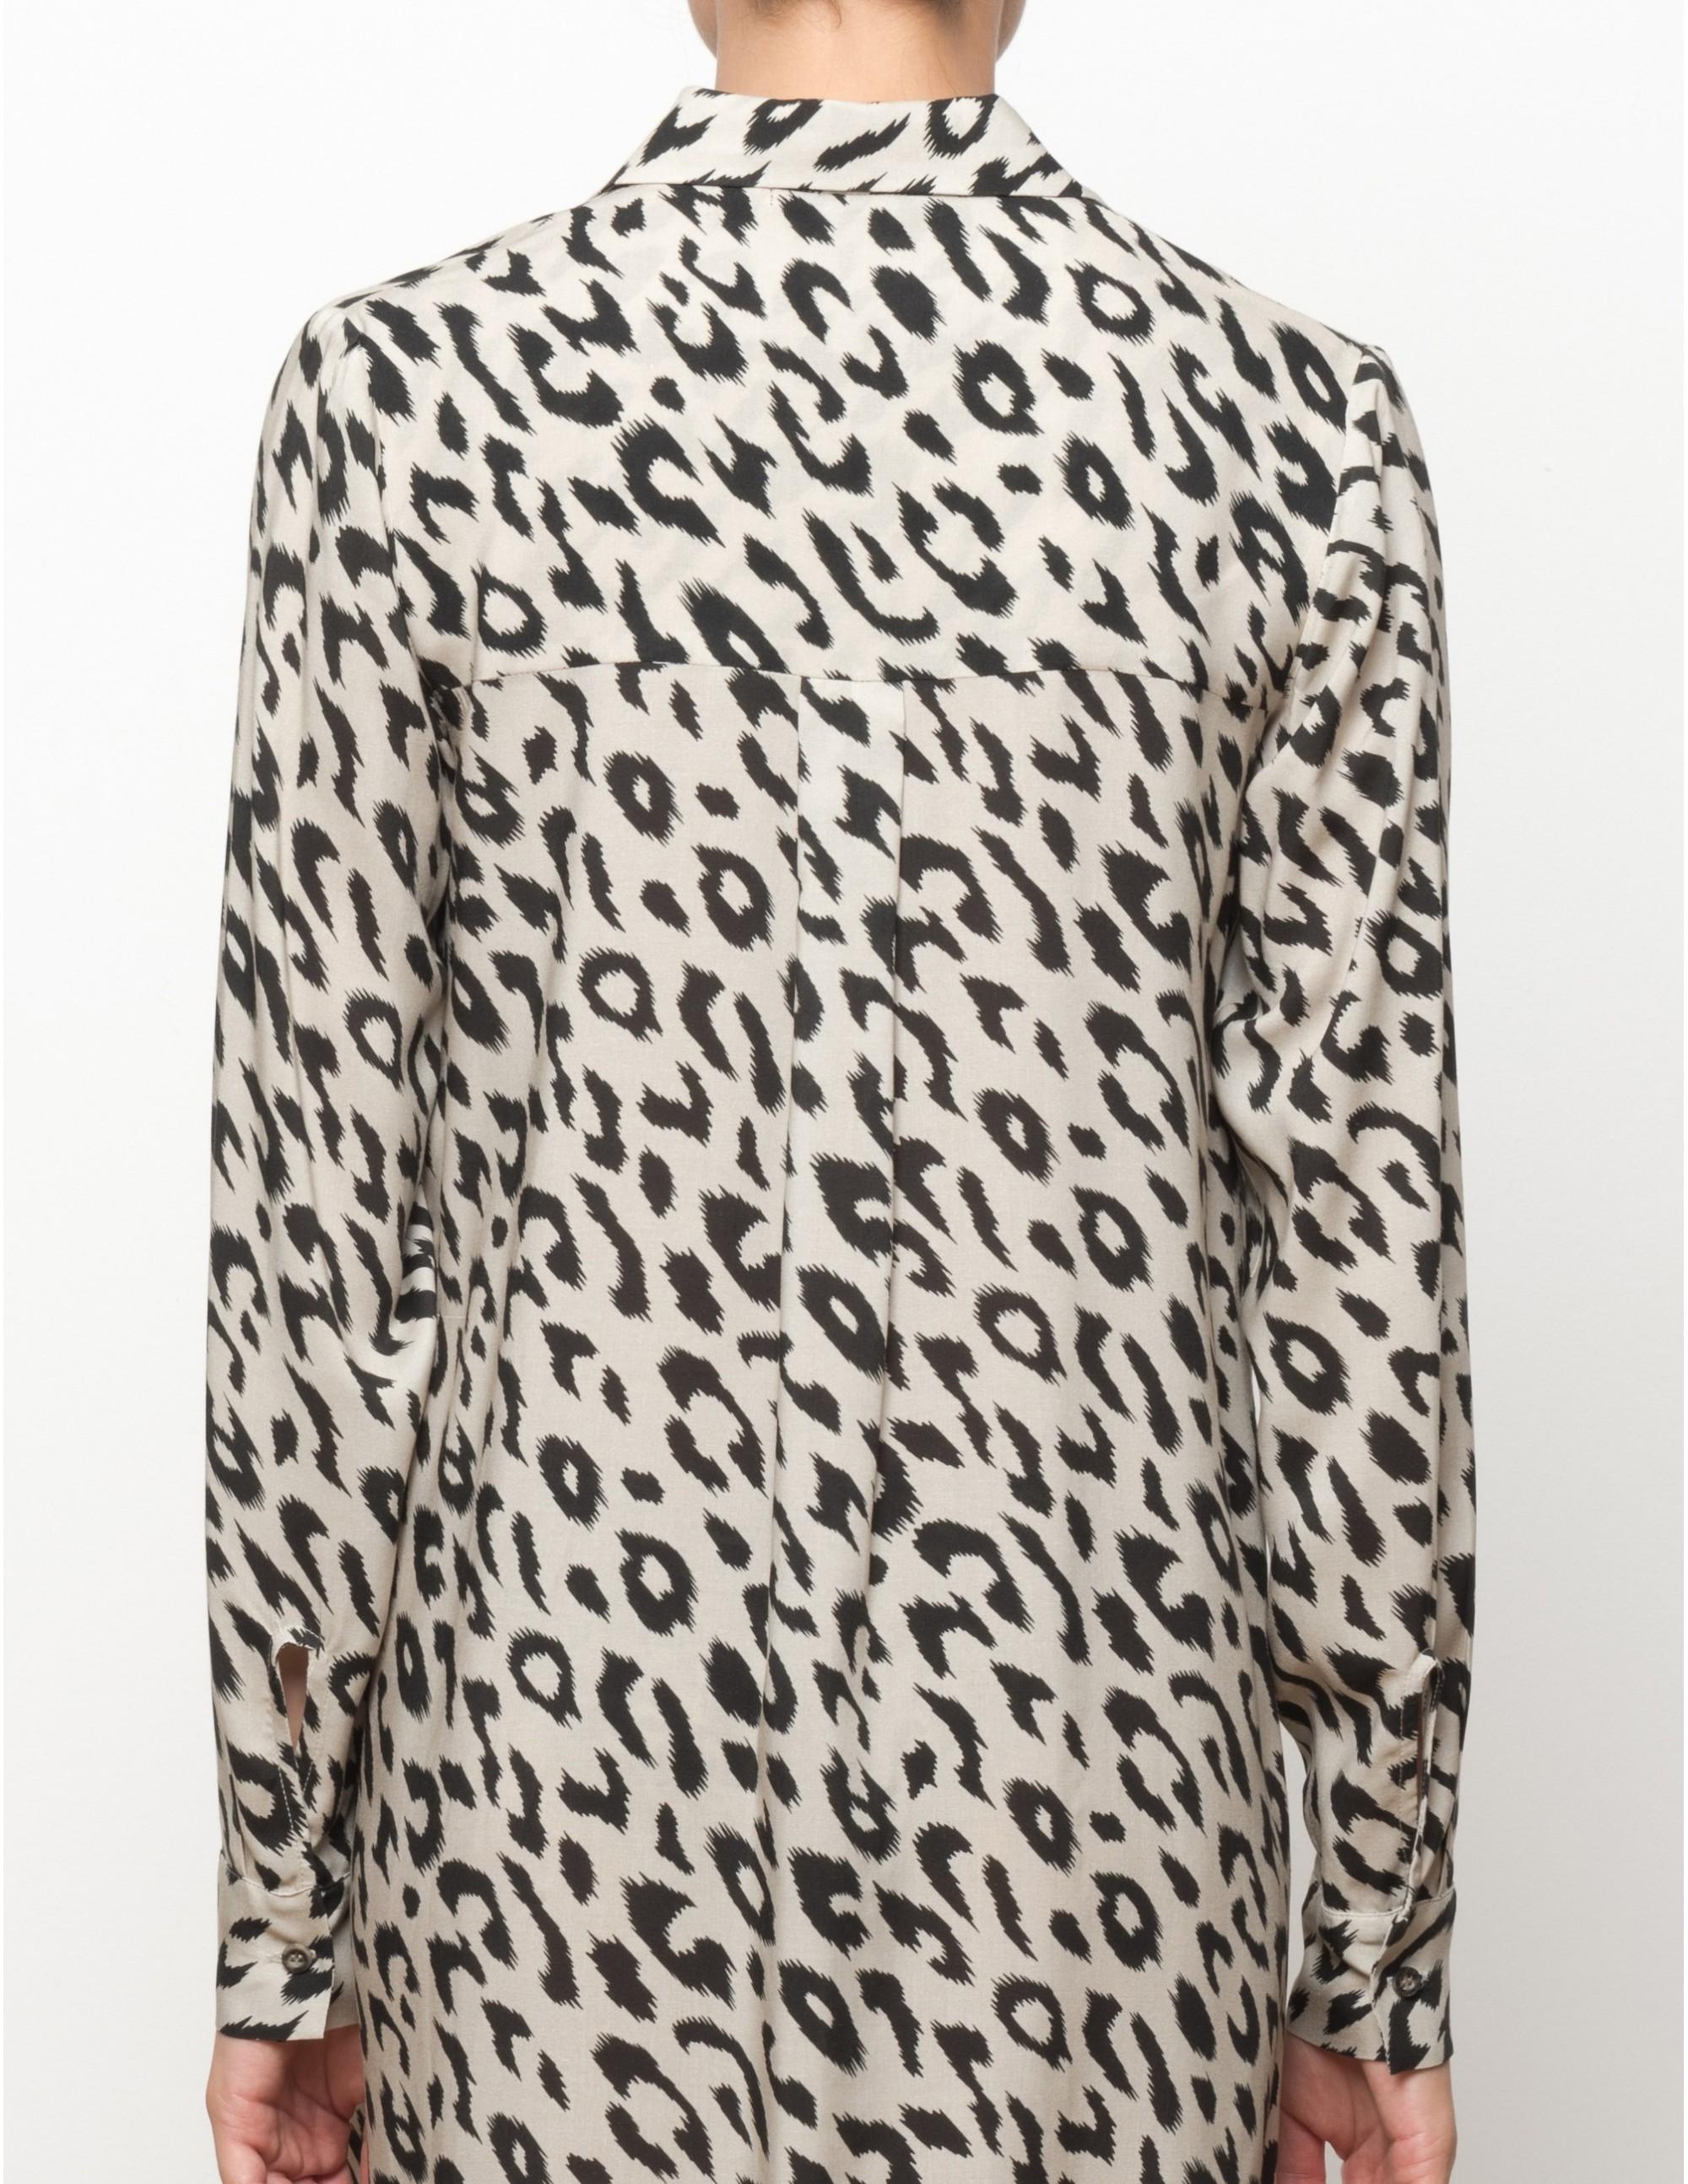 KIGO shirt - LEOPARD